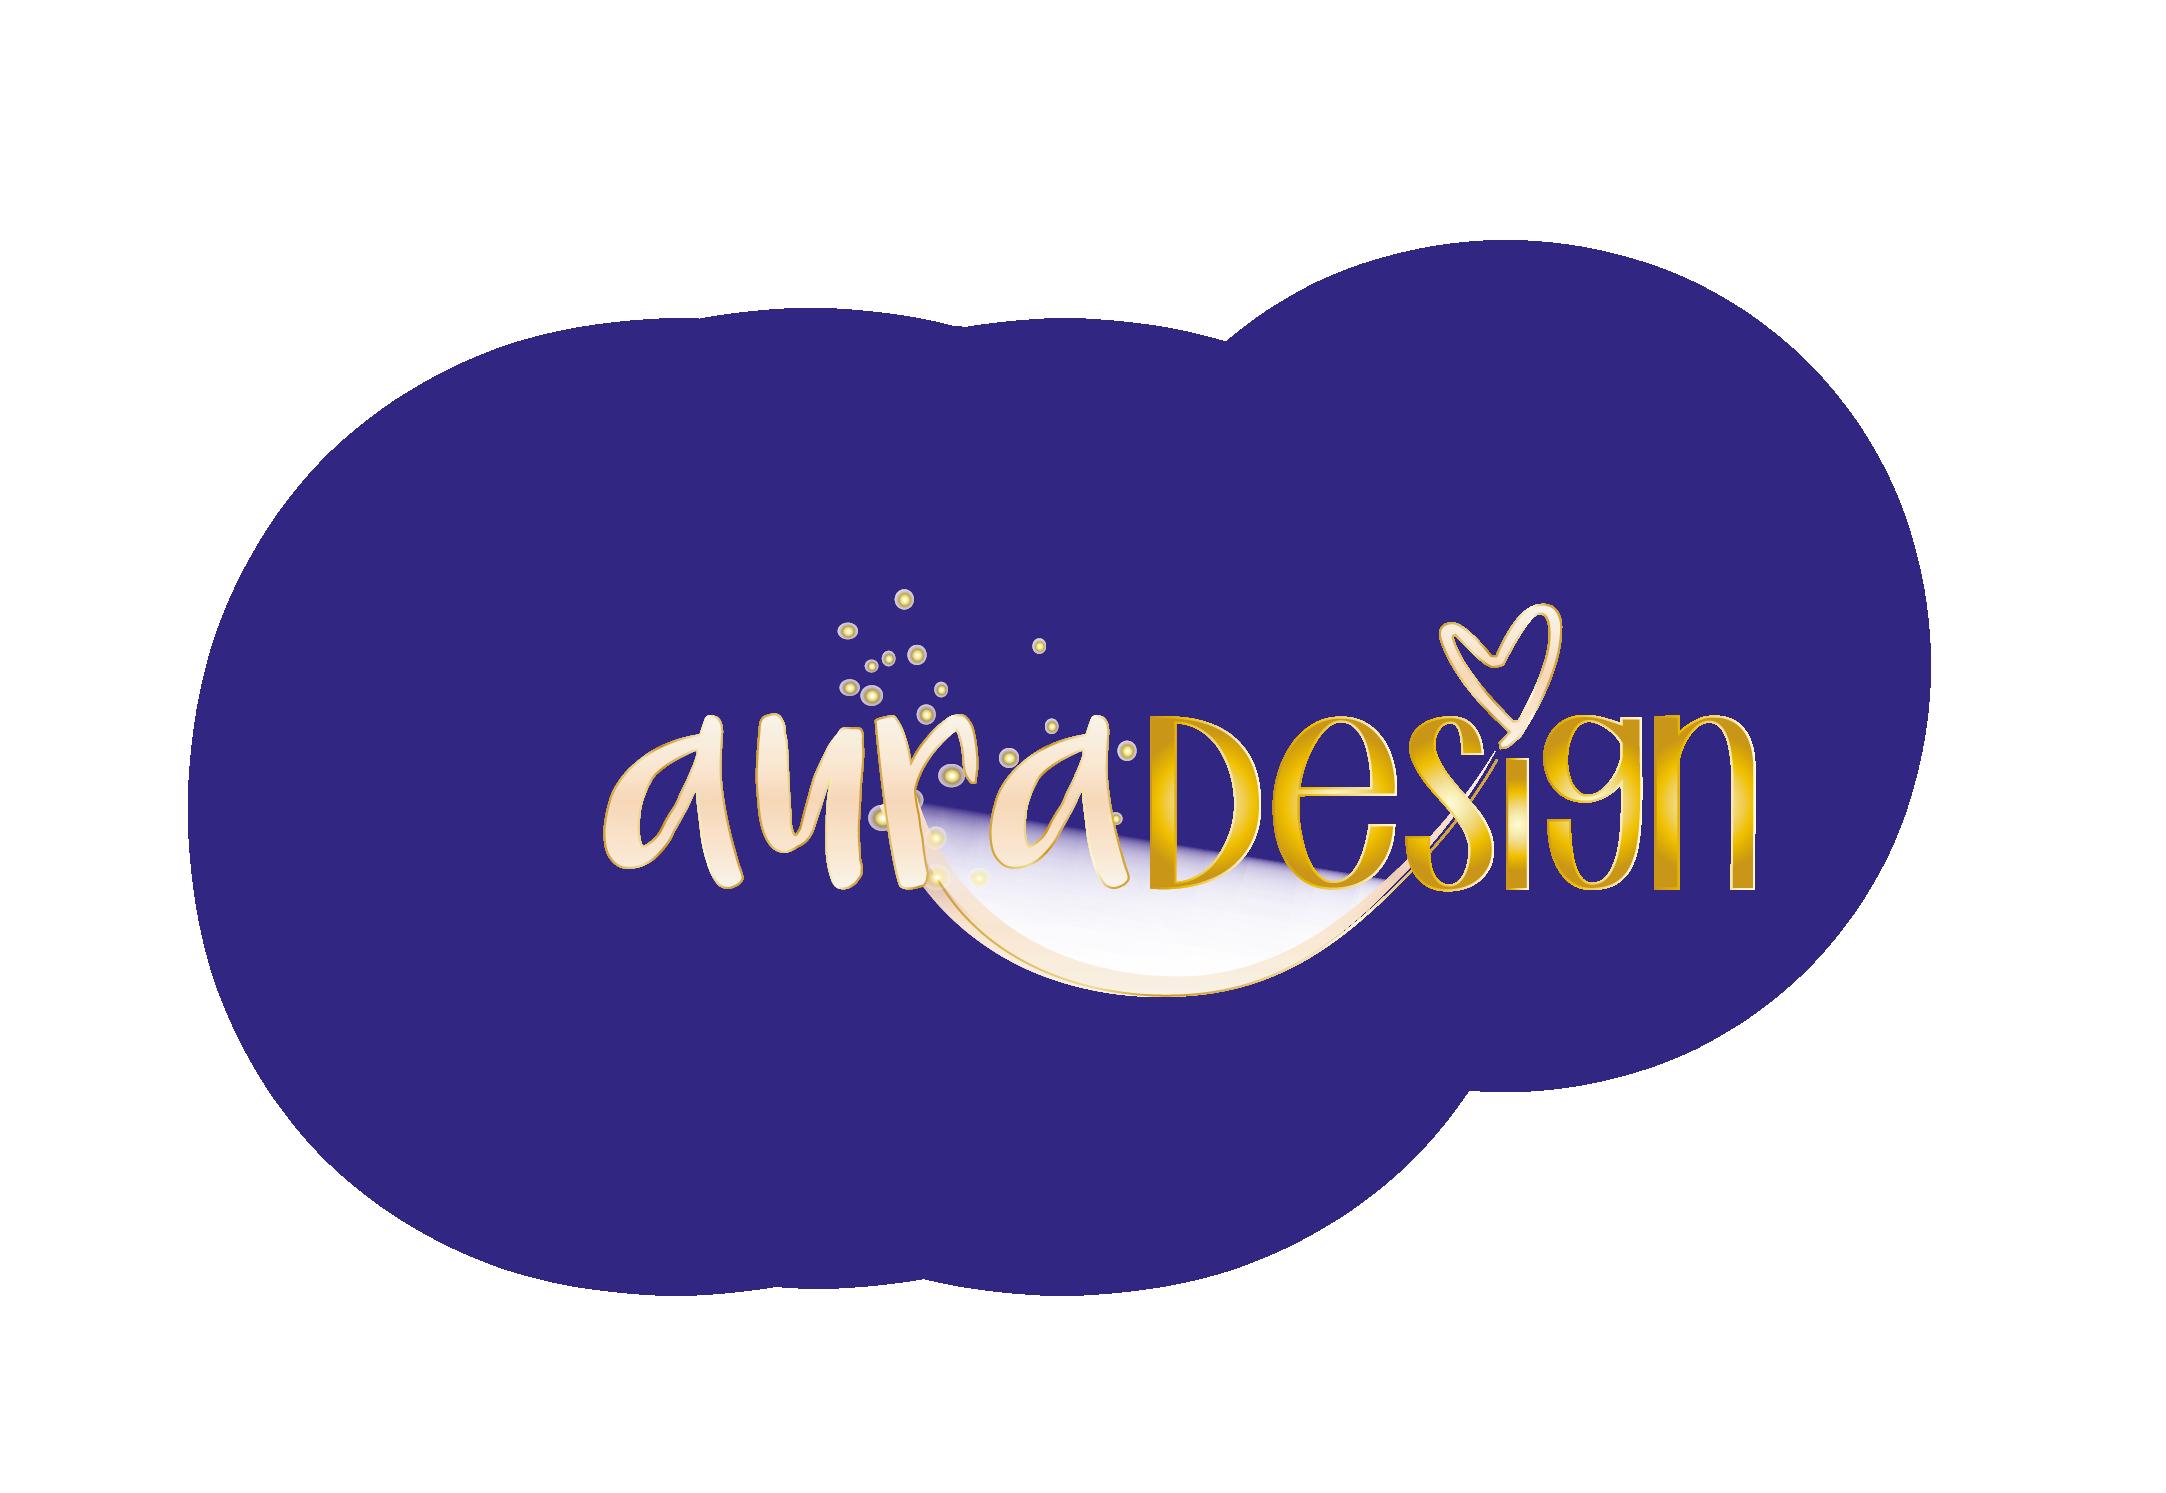 auraDesign Name ohne Hintergrund blauer.